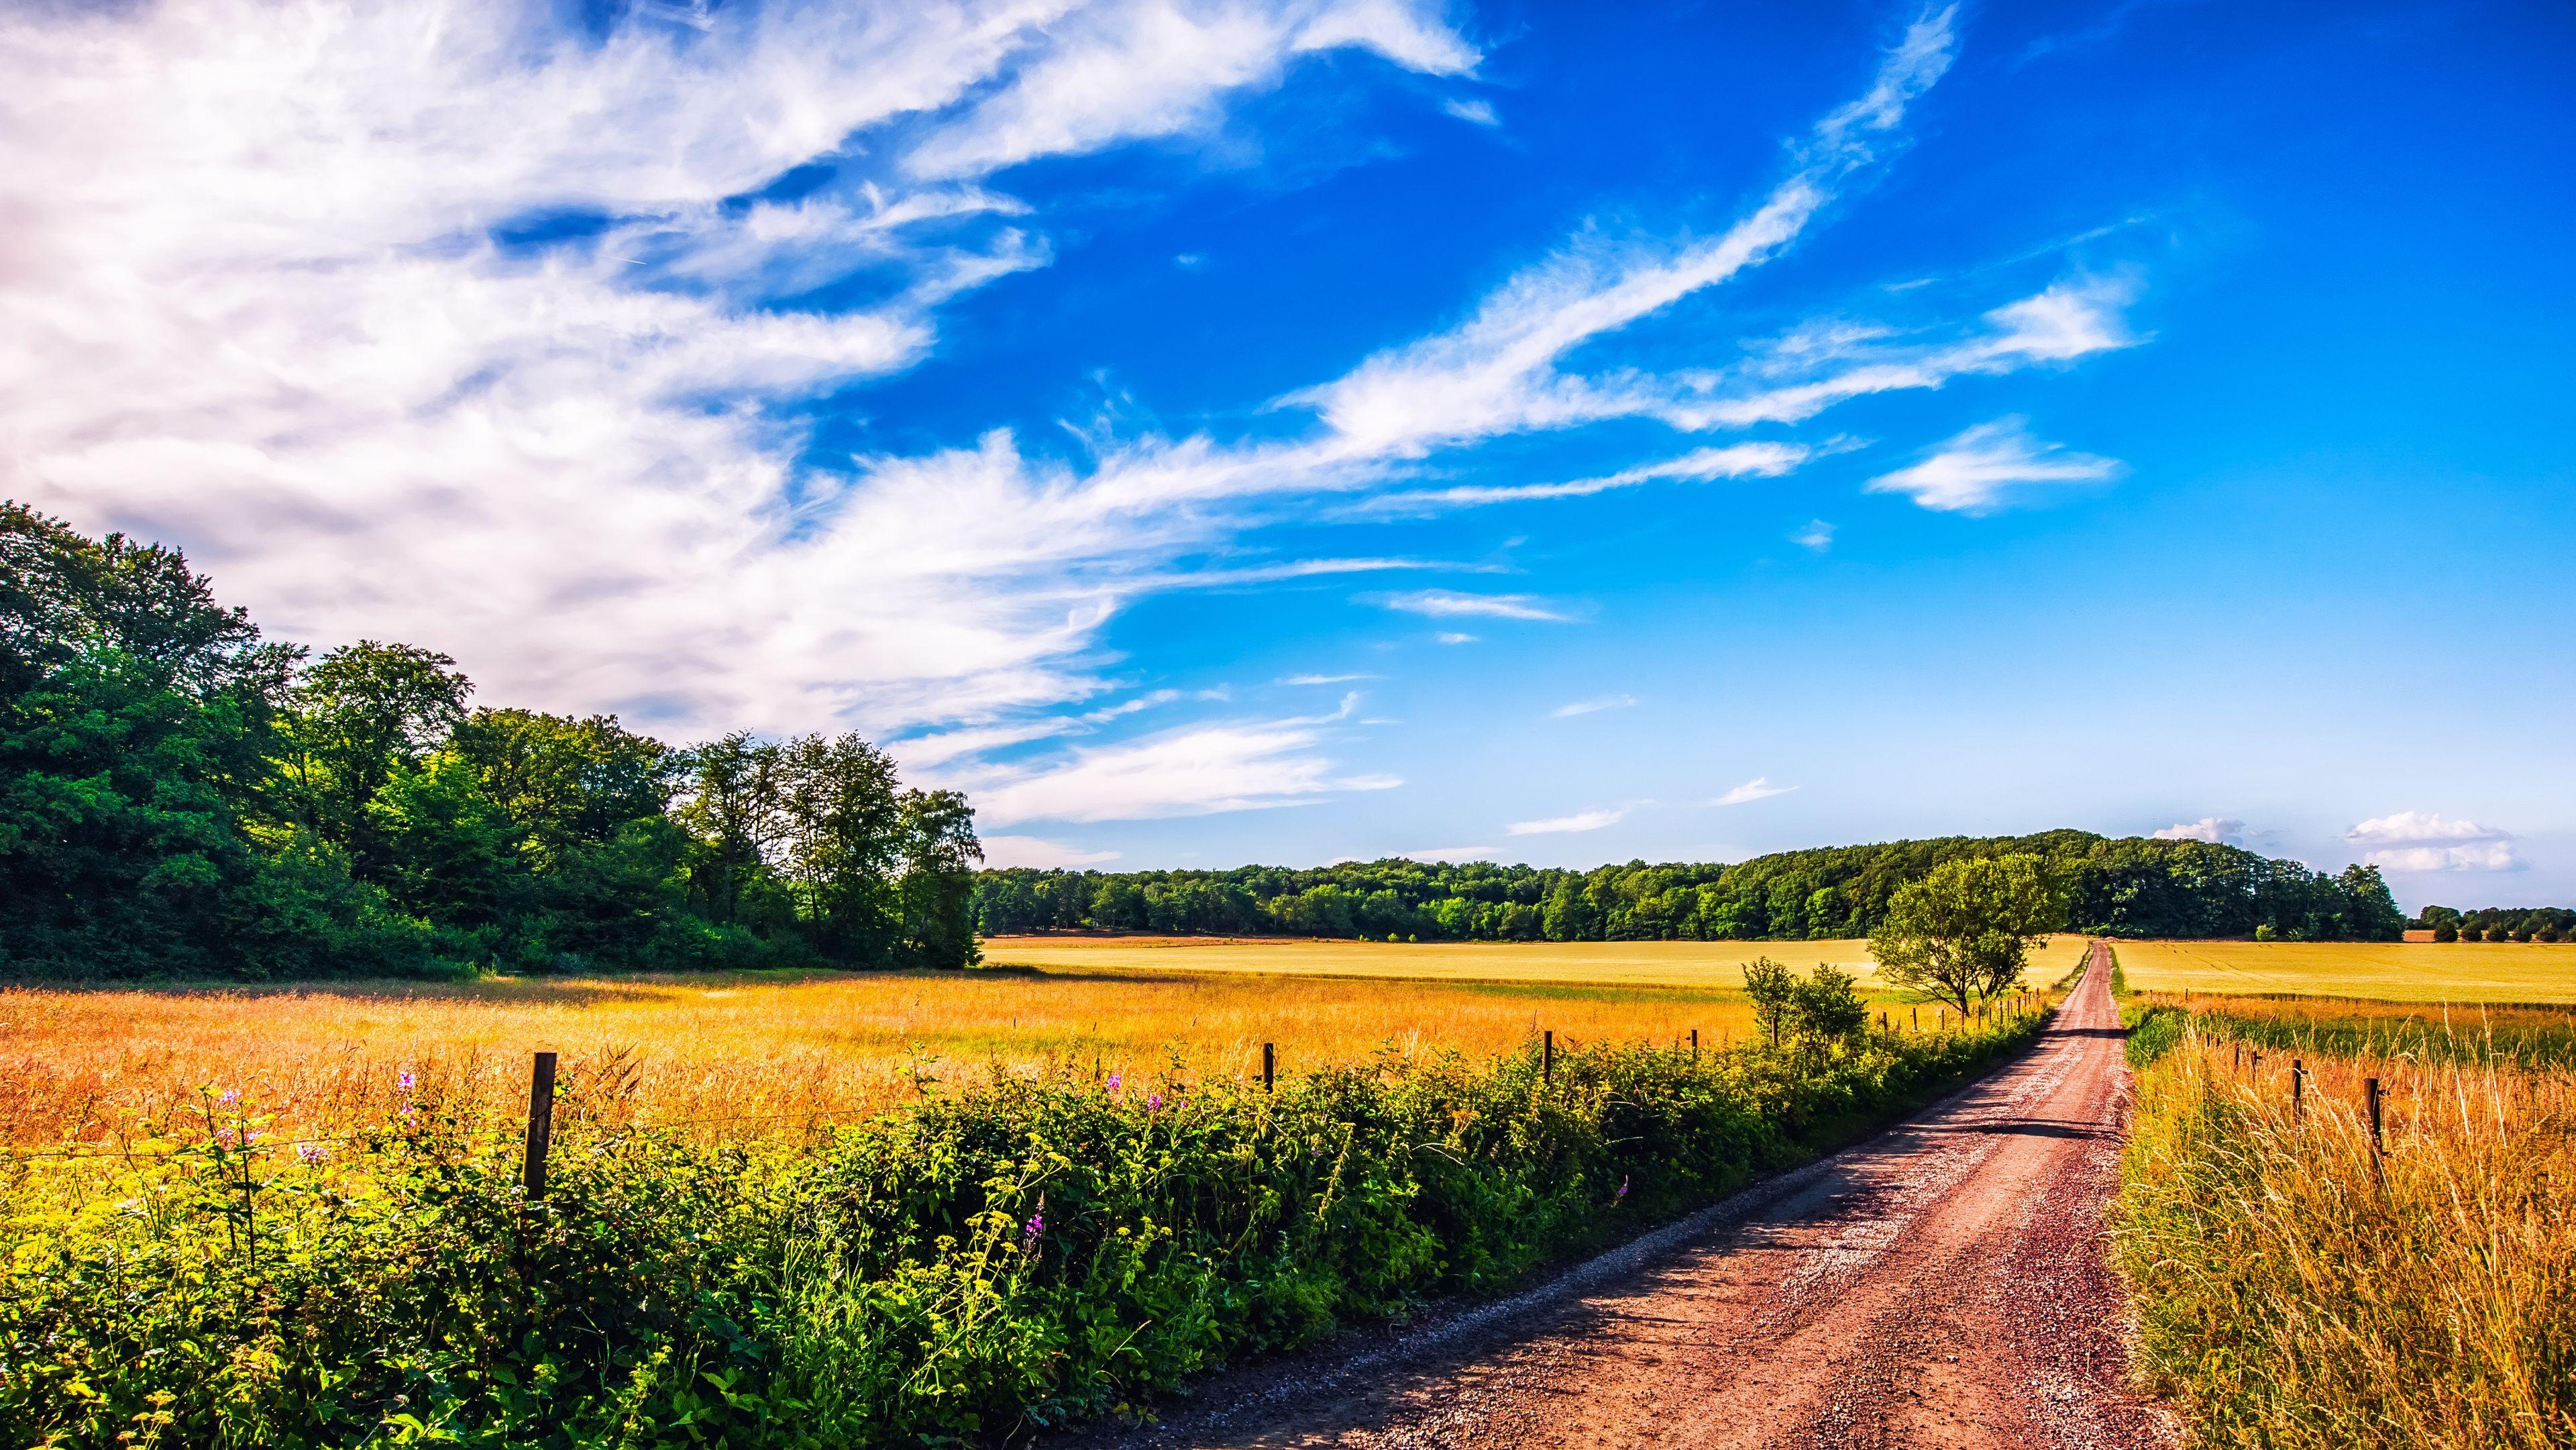 Landscape 4k Ultra Hd Wallpaper Summer Landscape 4k Ultra Hd